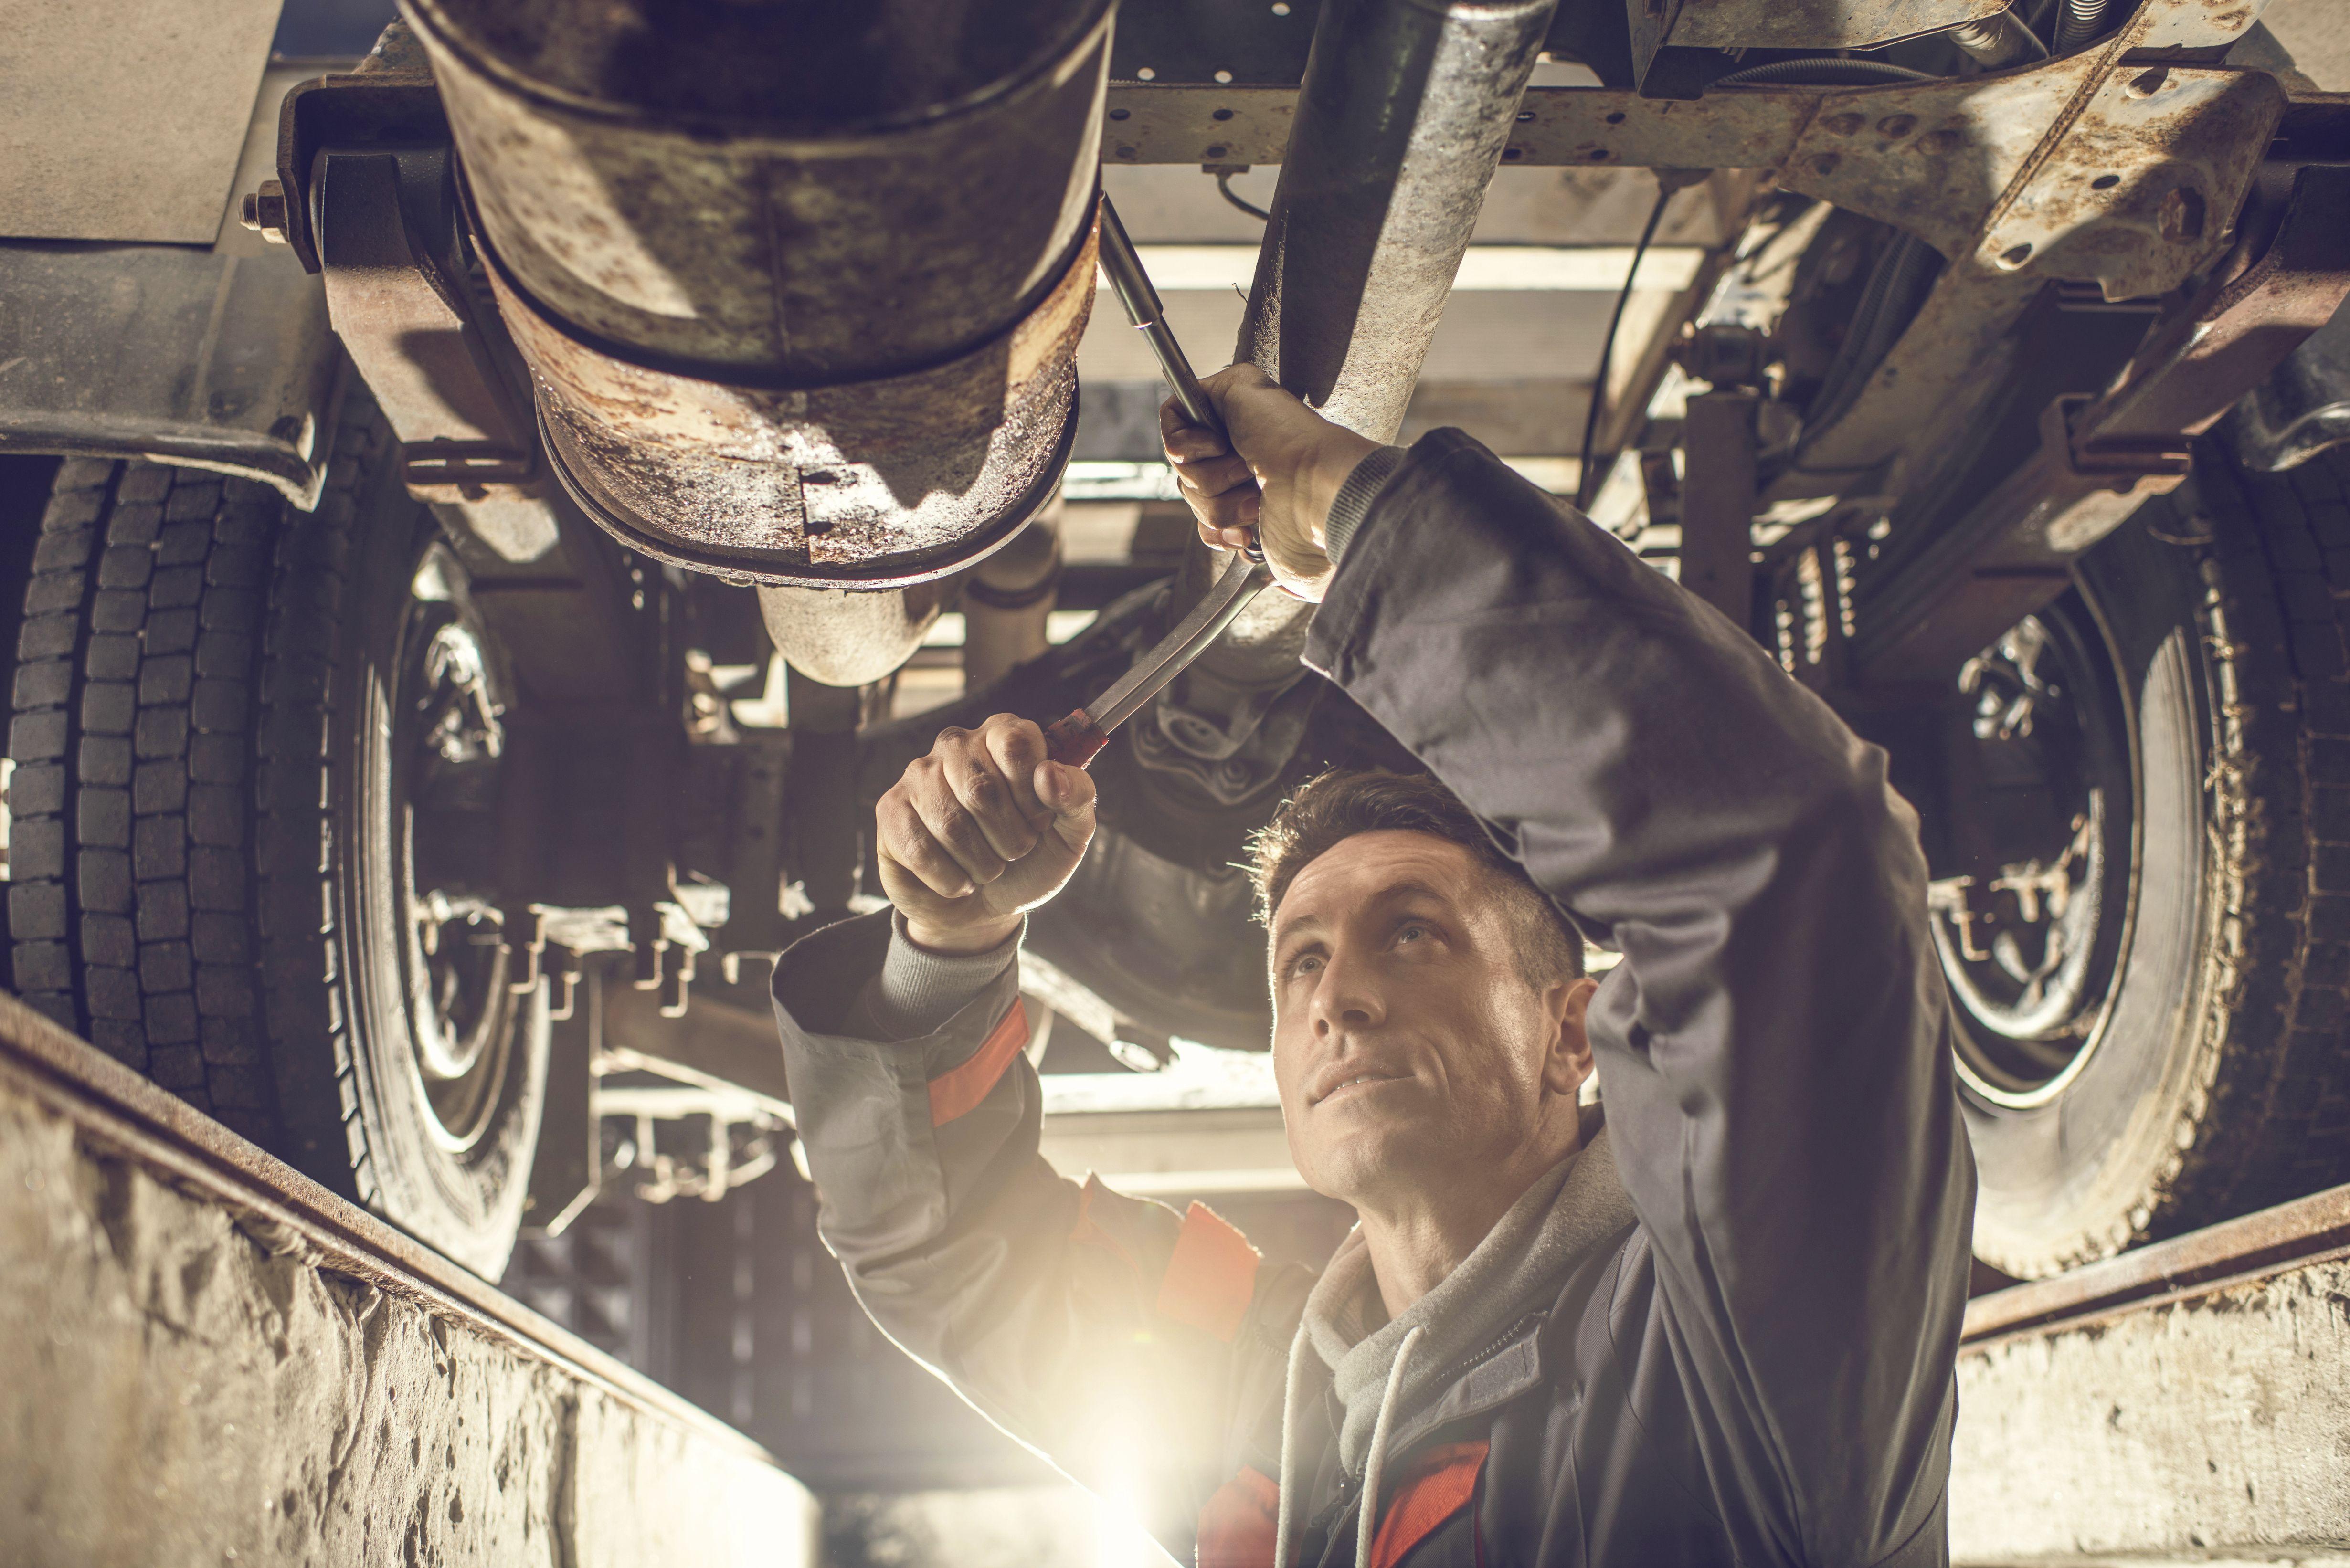 Servicios de taller mecánico enBerga